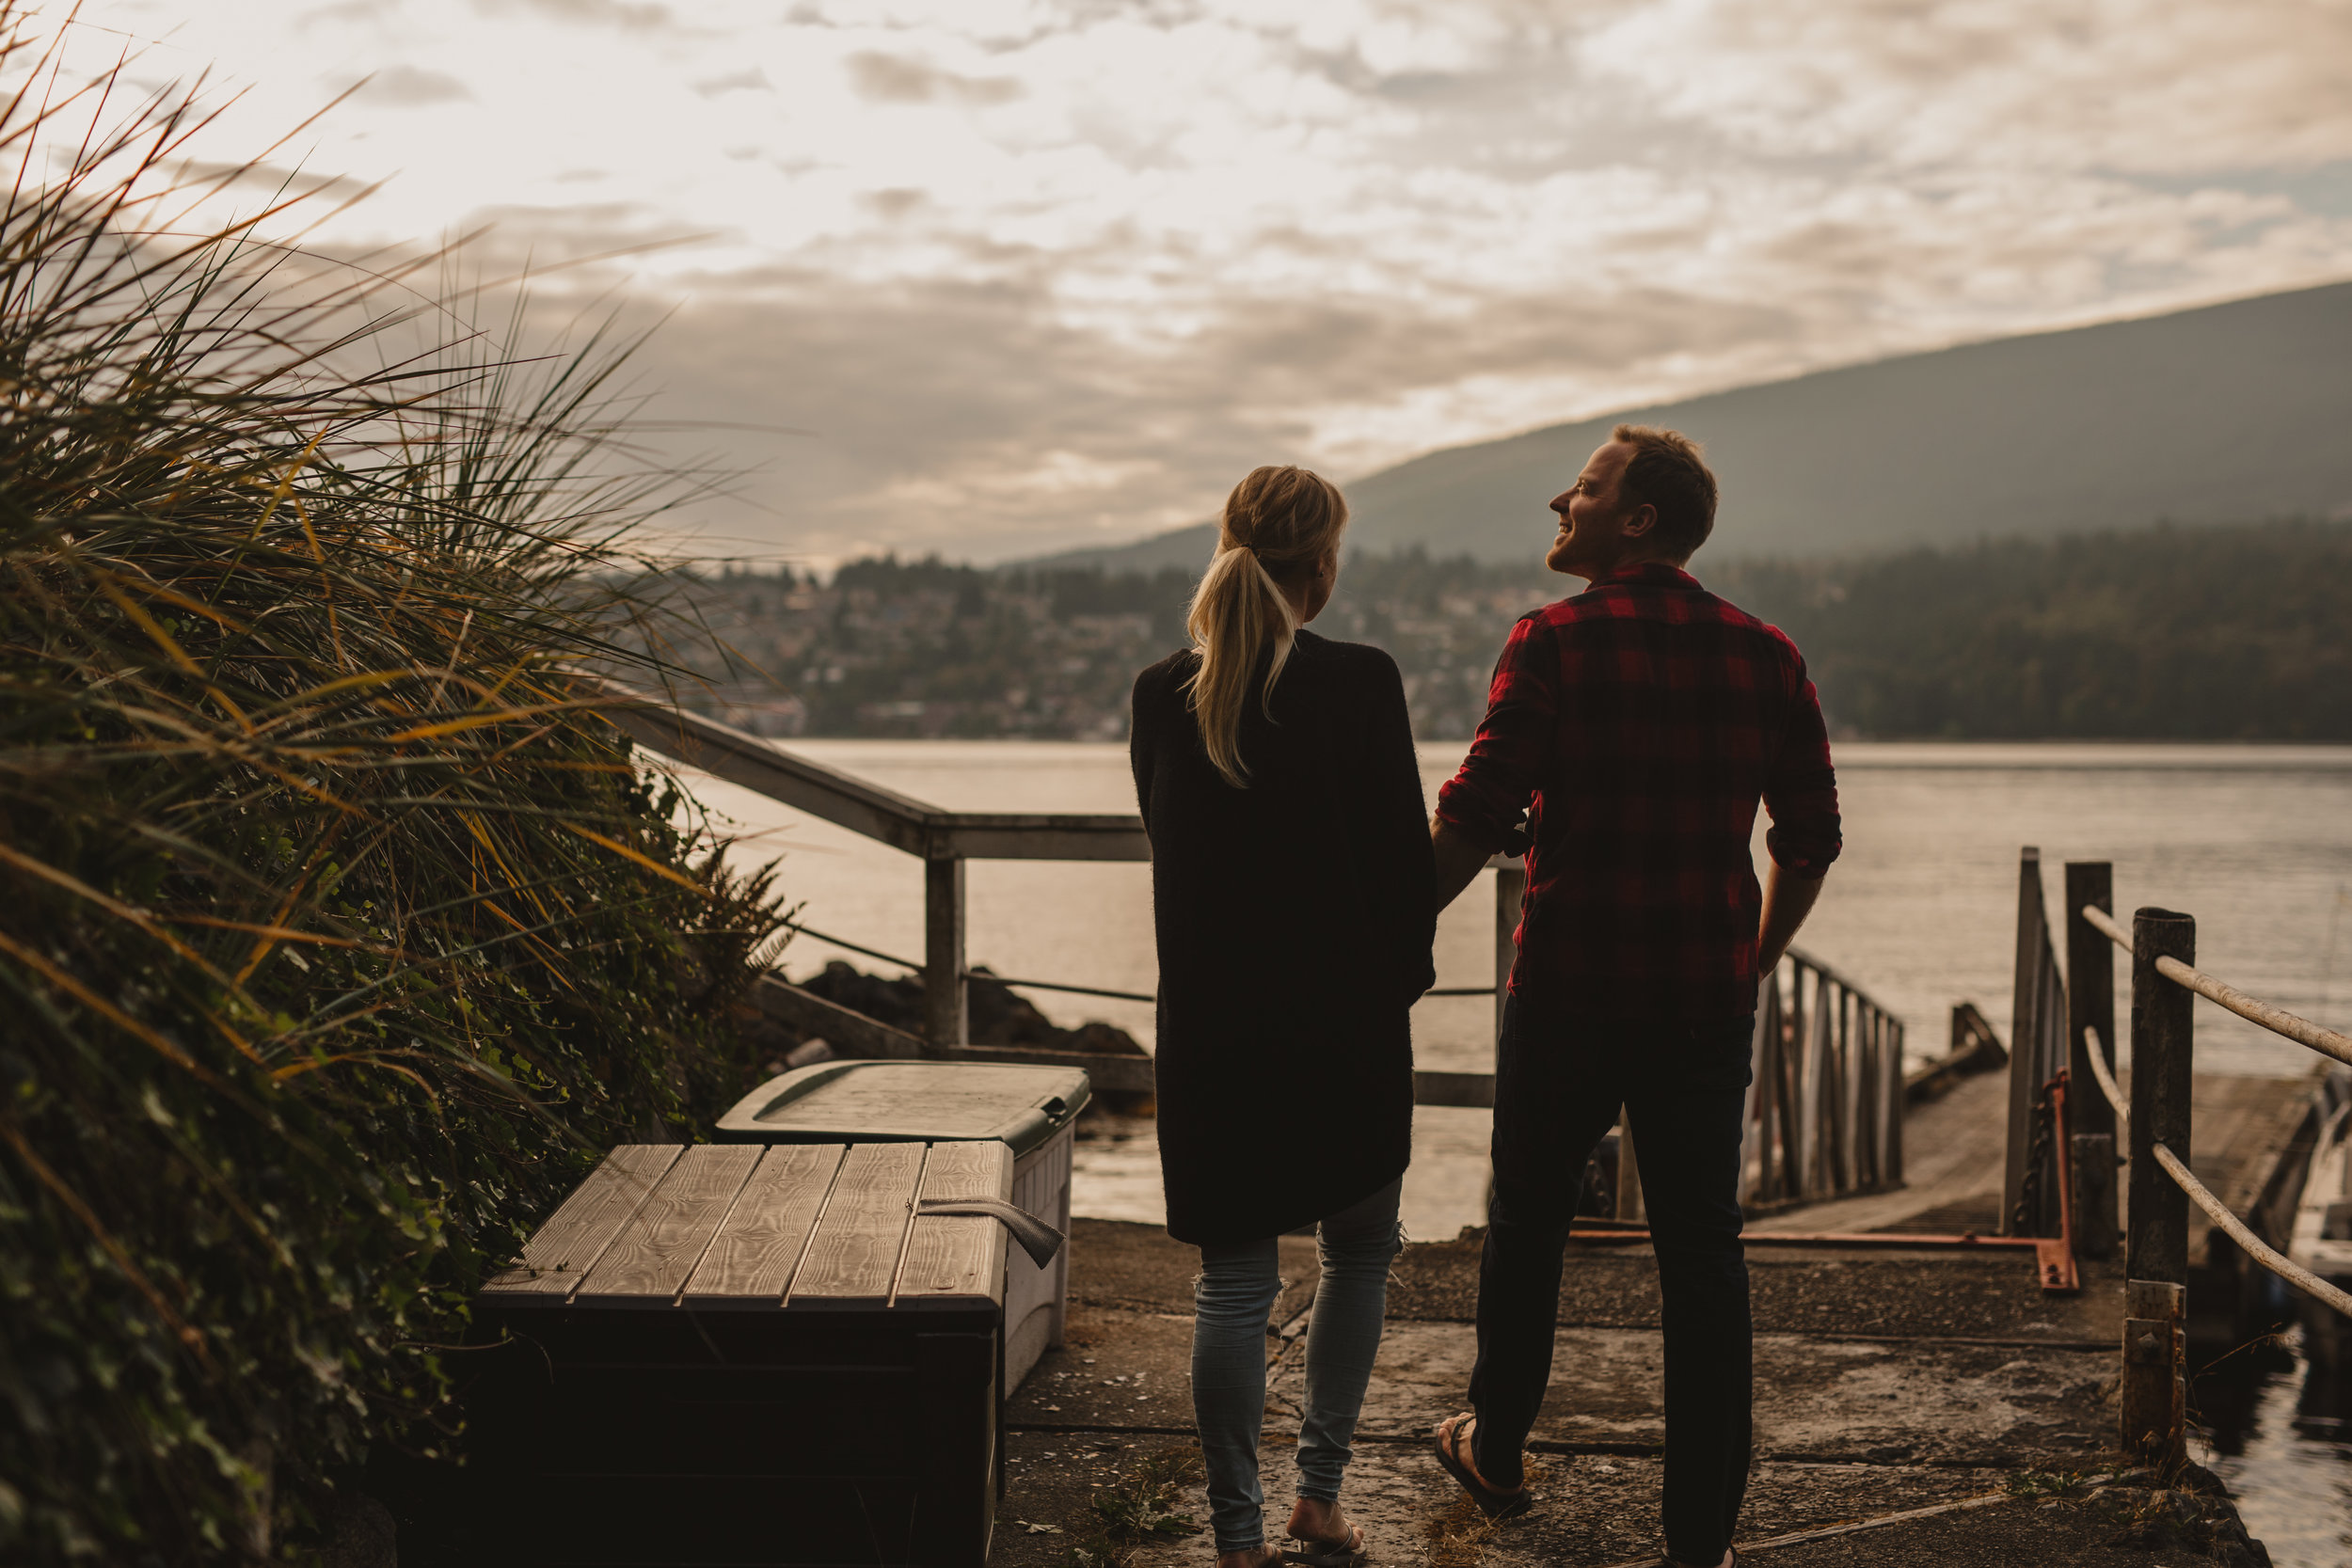 Keats Island Engagement Photos - Sunshine Coast Engagement Photos - Sunshine Coast Wedding Photographer - Vancovuer Wedding Photographer - Jennifer Picard Photography - IMG_0031.jpg